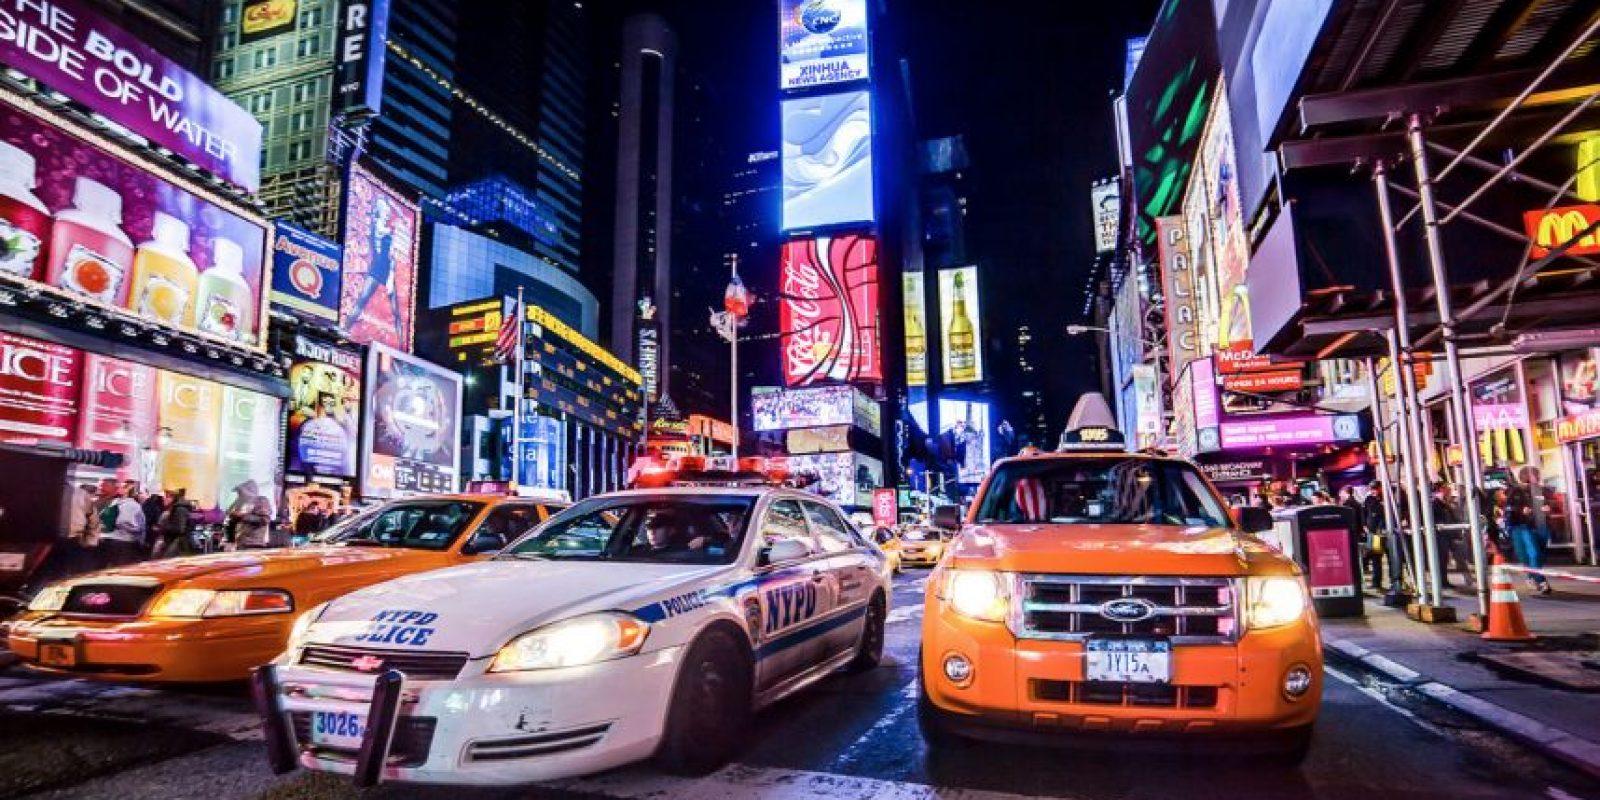 Entre ellos Times Square, la intersección más famosa de la ciudad. Foto:Vía Flicker